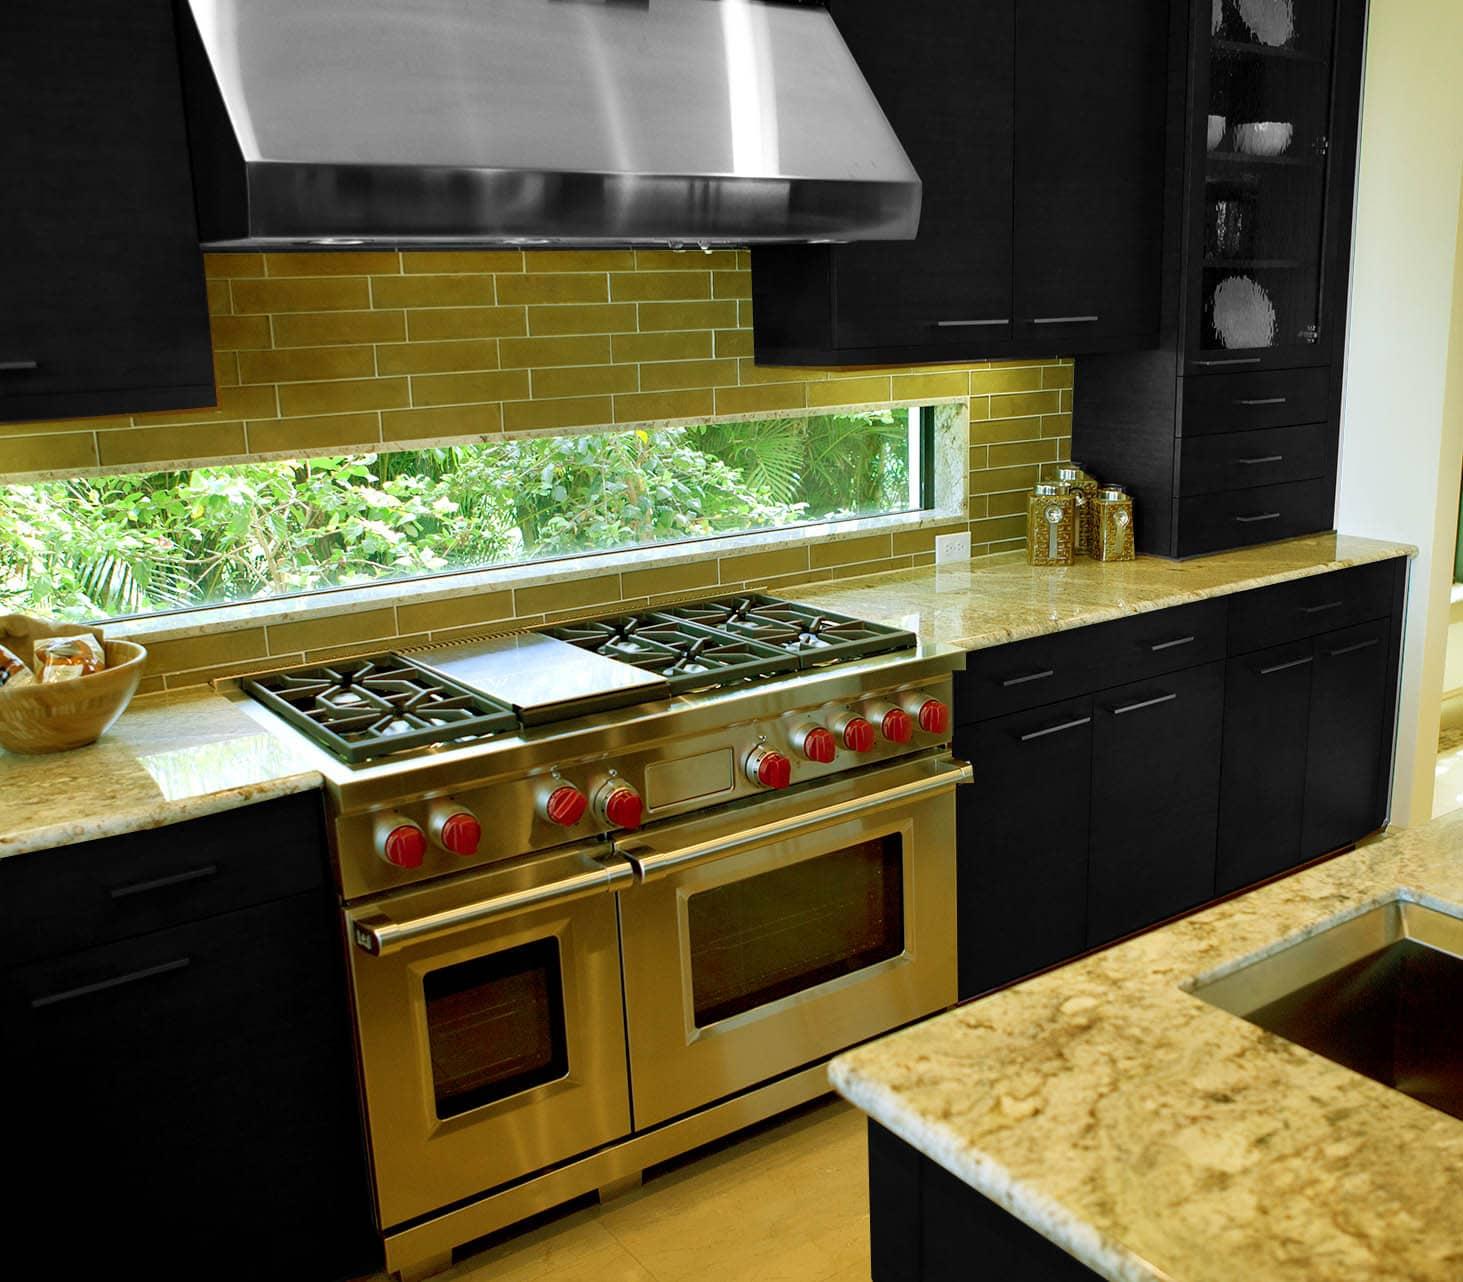 מטבחים מעץ מוכרי המטבחים בעלי שנות ניסיון עם מקצועיות ומיומנות ועם הרבה מוטיבציה שיודעים לספק פתרונות להתאמת תנורים גדולים לכל מטבח תוך כדי הפעלת ציוד מקצועי לניסור עץ במטבח הלקוח